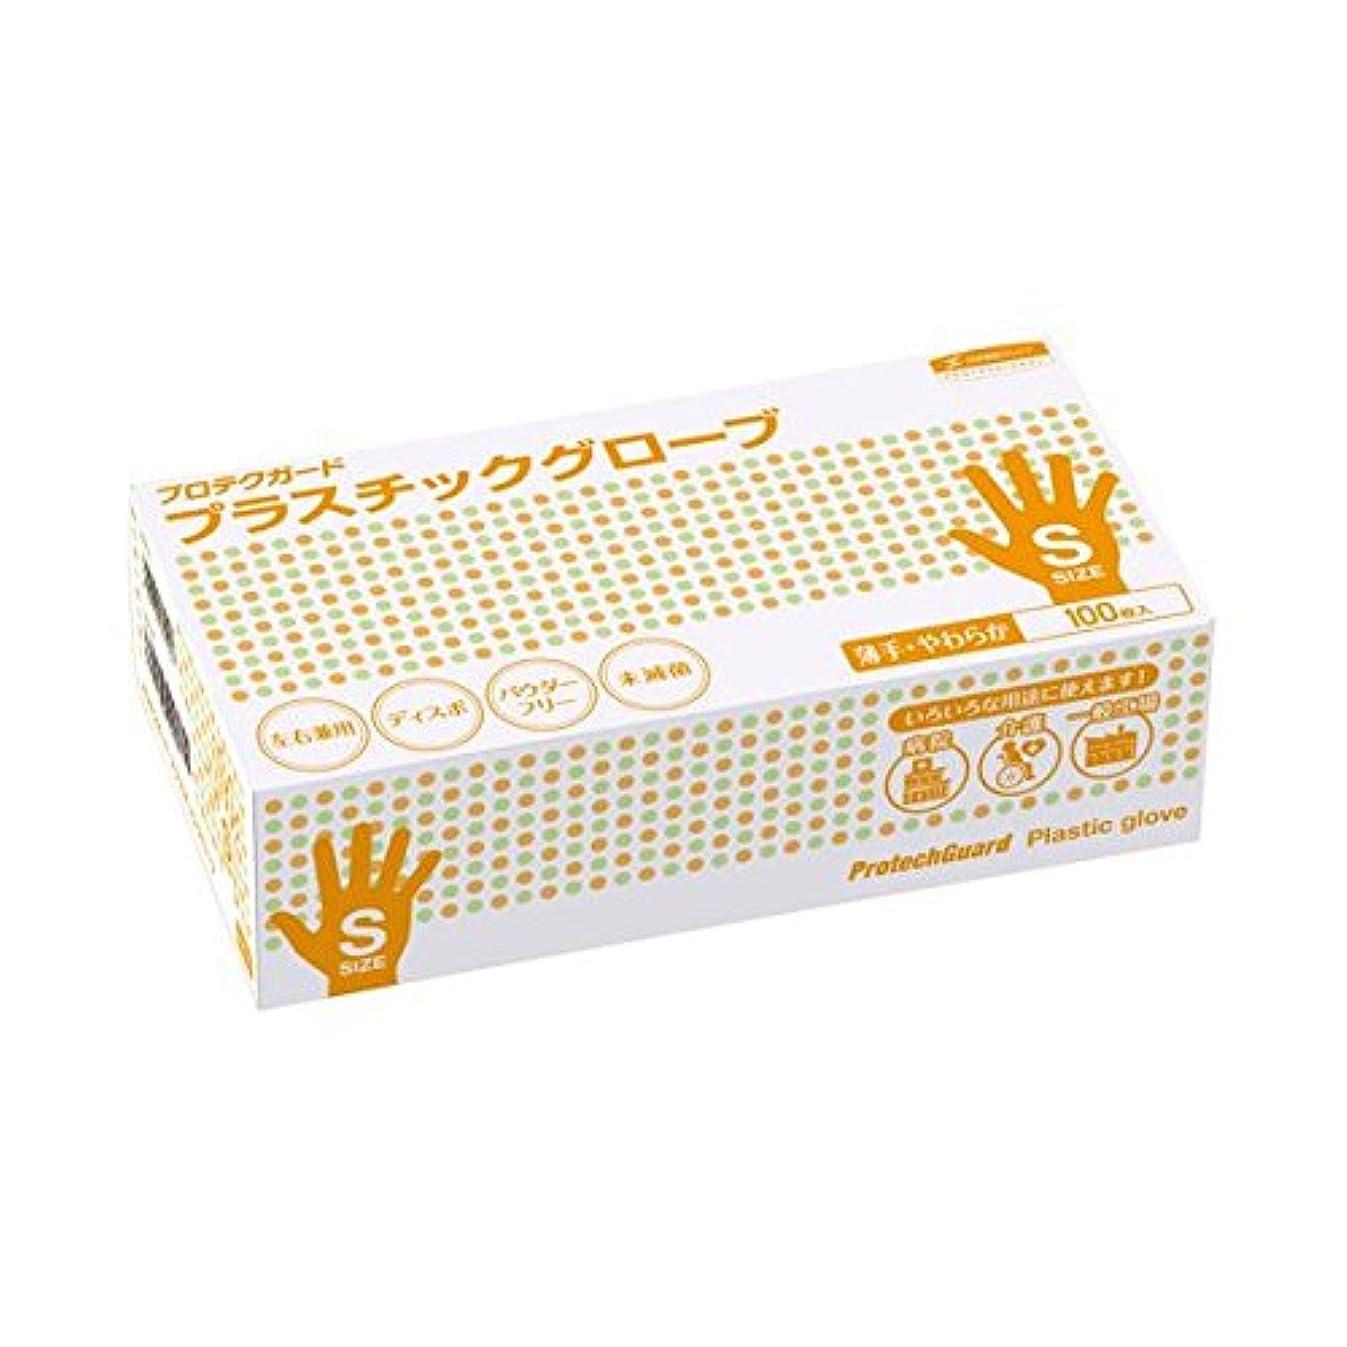 スライムピービッシュ従う日本製紙クレシア プロテクガード プラスチック Sサイズ ds-1915779